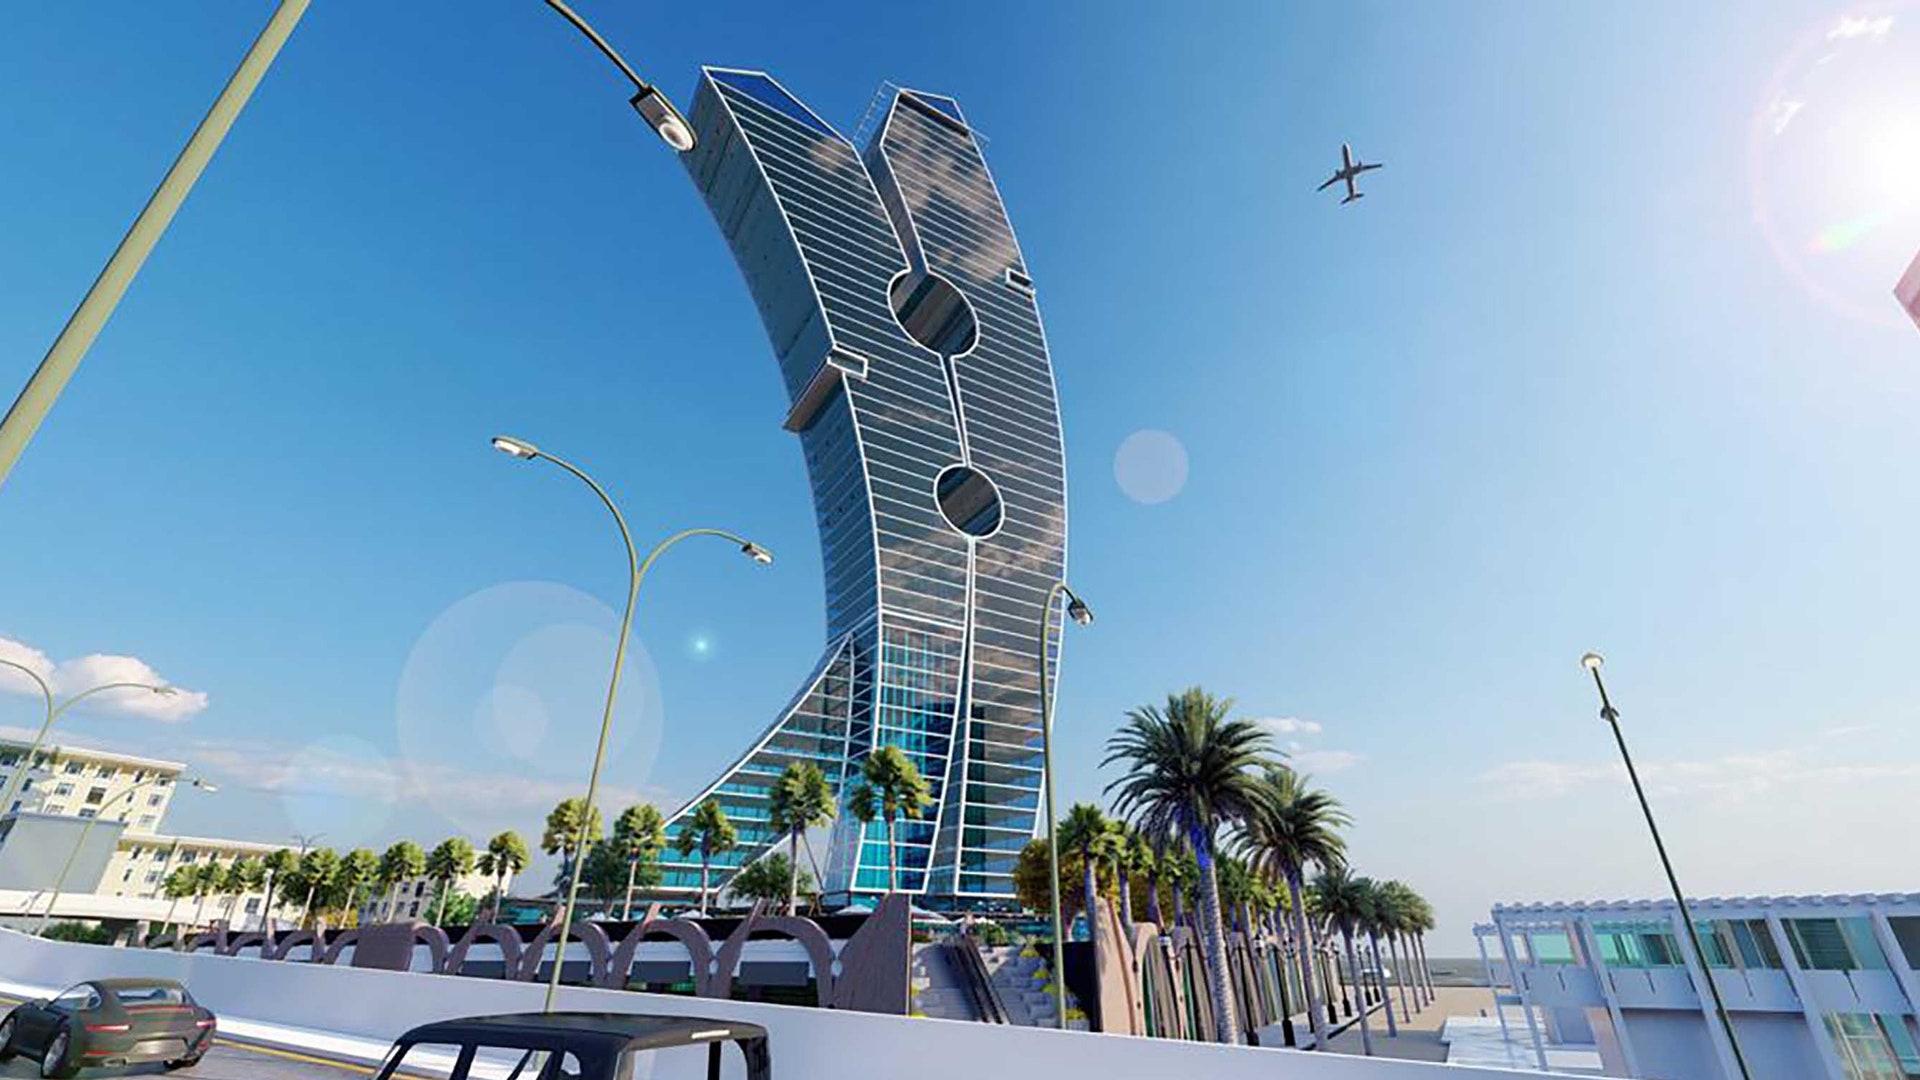 Grattacielo Molletta Dubai: in costruzione l'opera più grande al mondo!